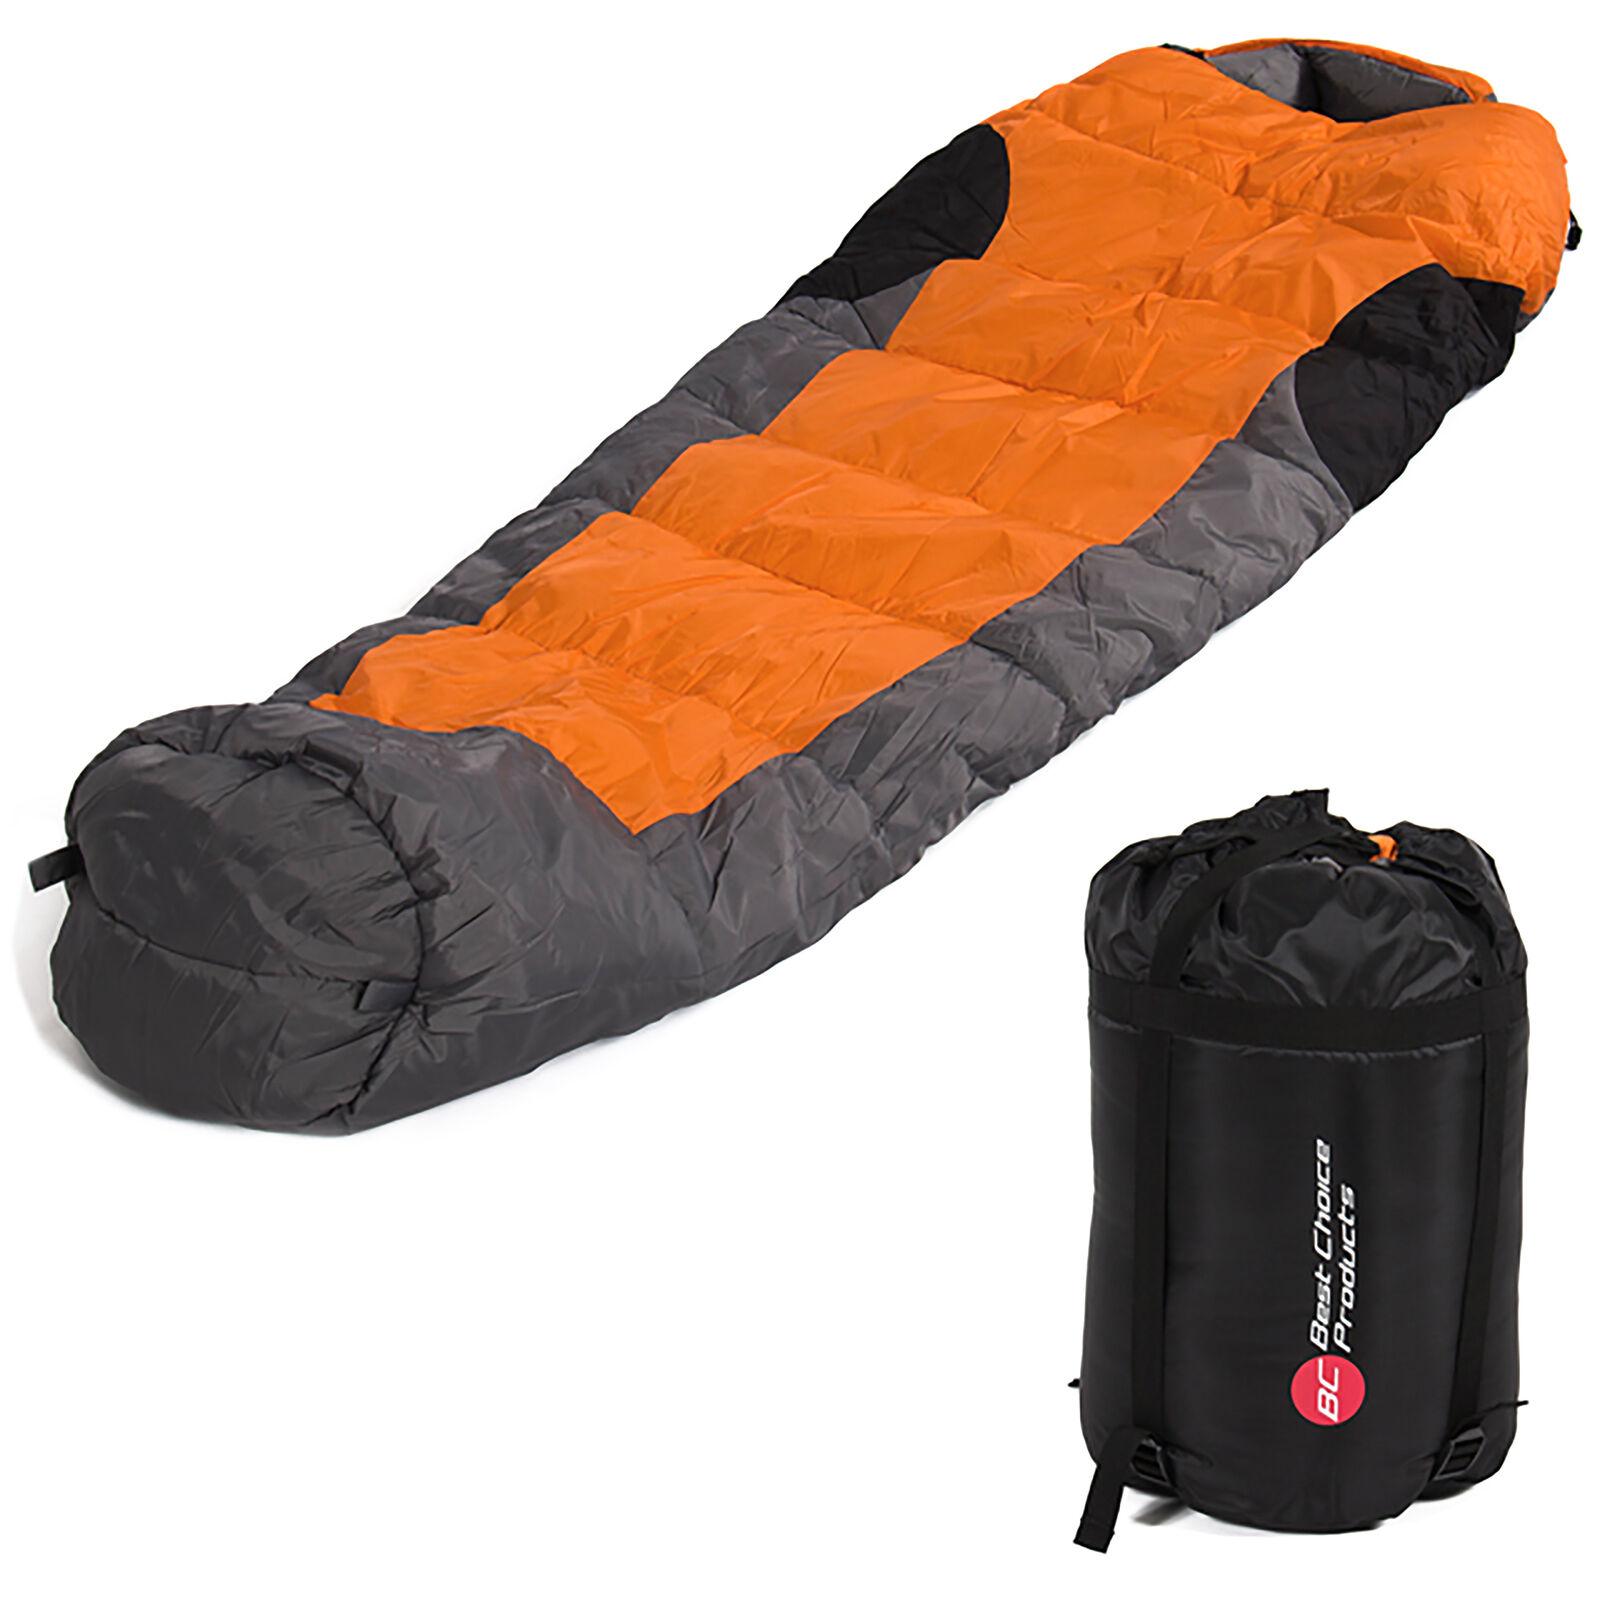 zelo sleeping bag - HD1600×1600